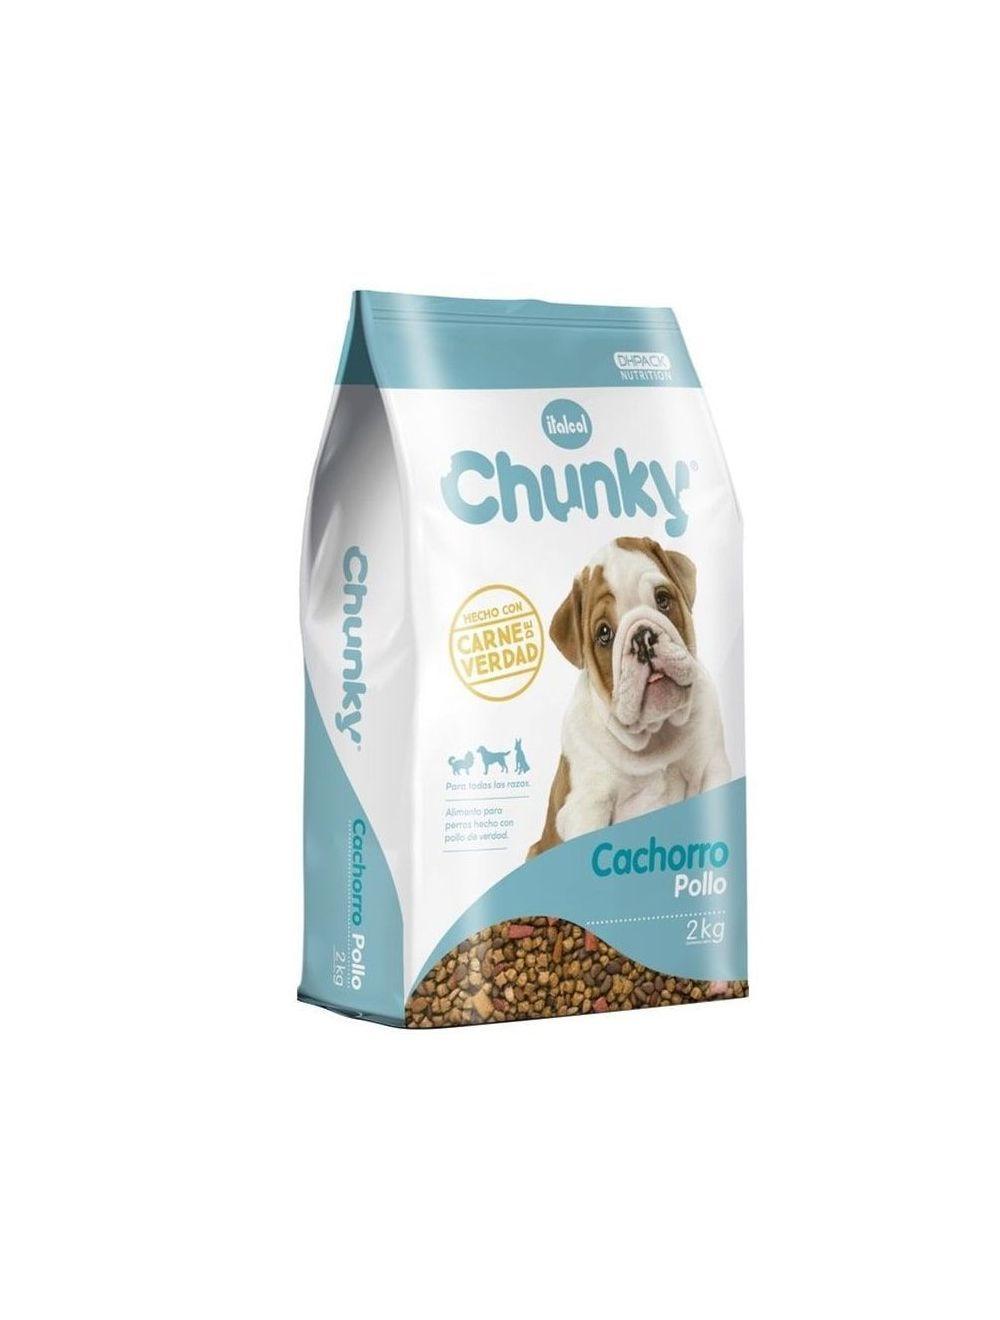 Comida Chunky cachorros de pollo - Ciudaddemascotas.com